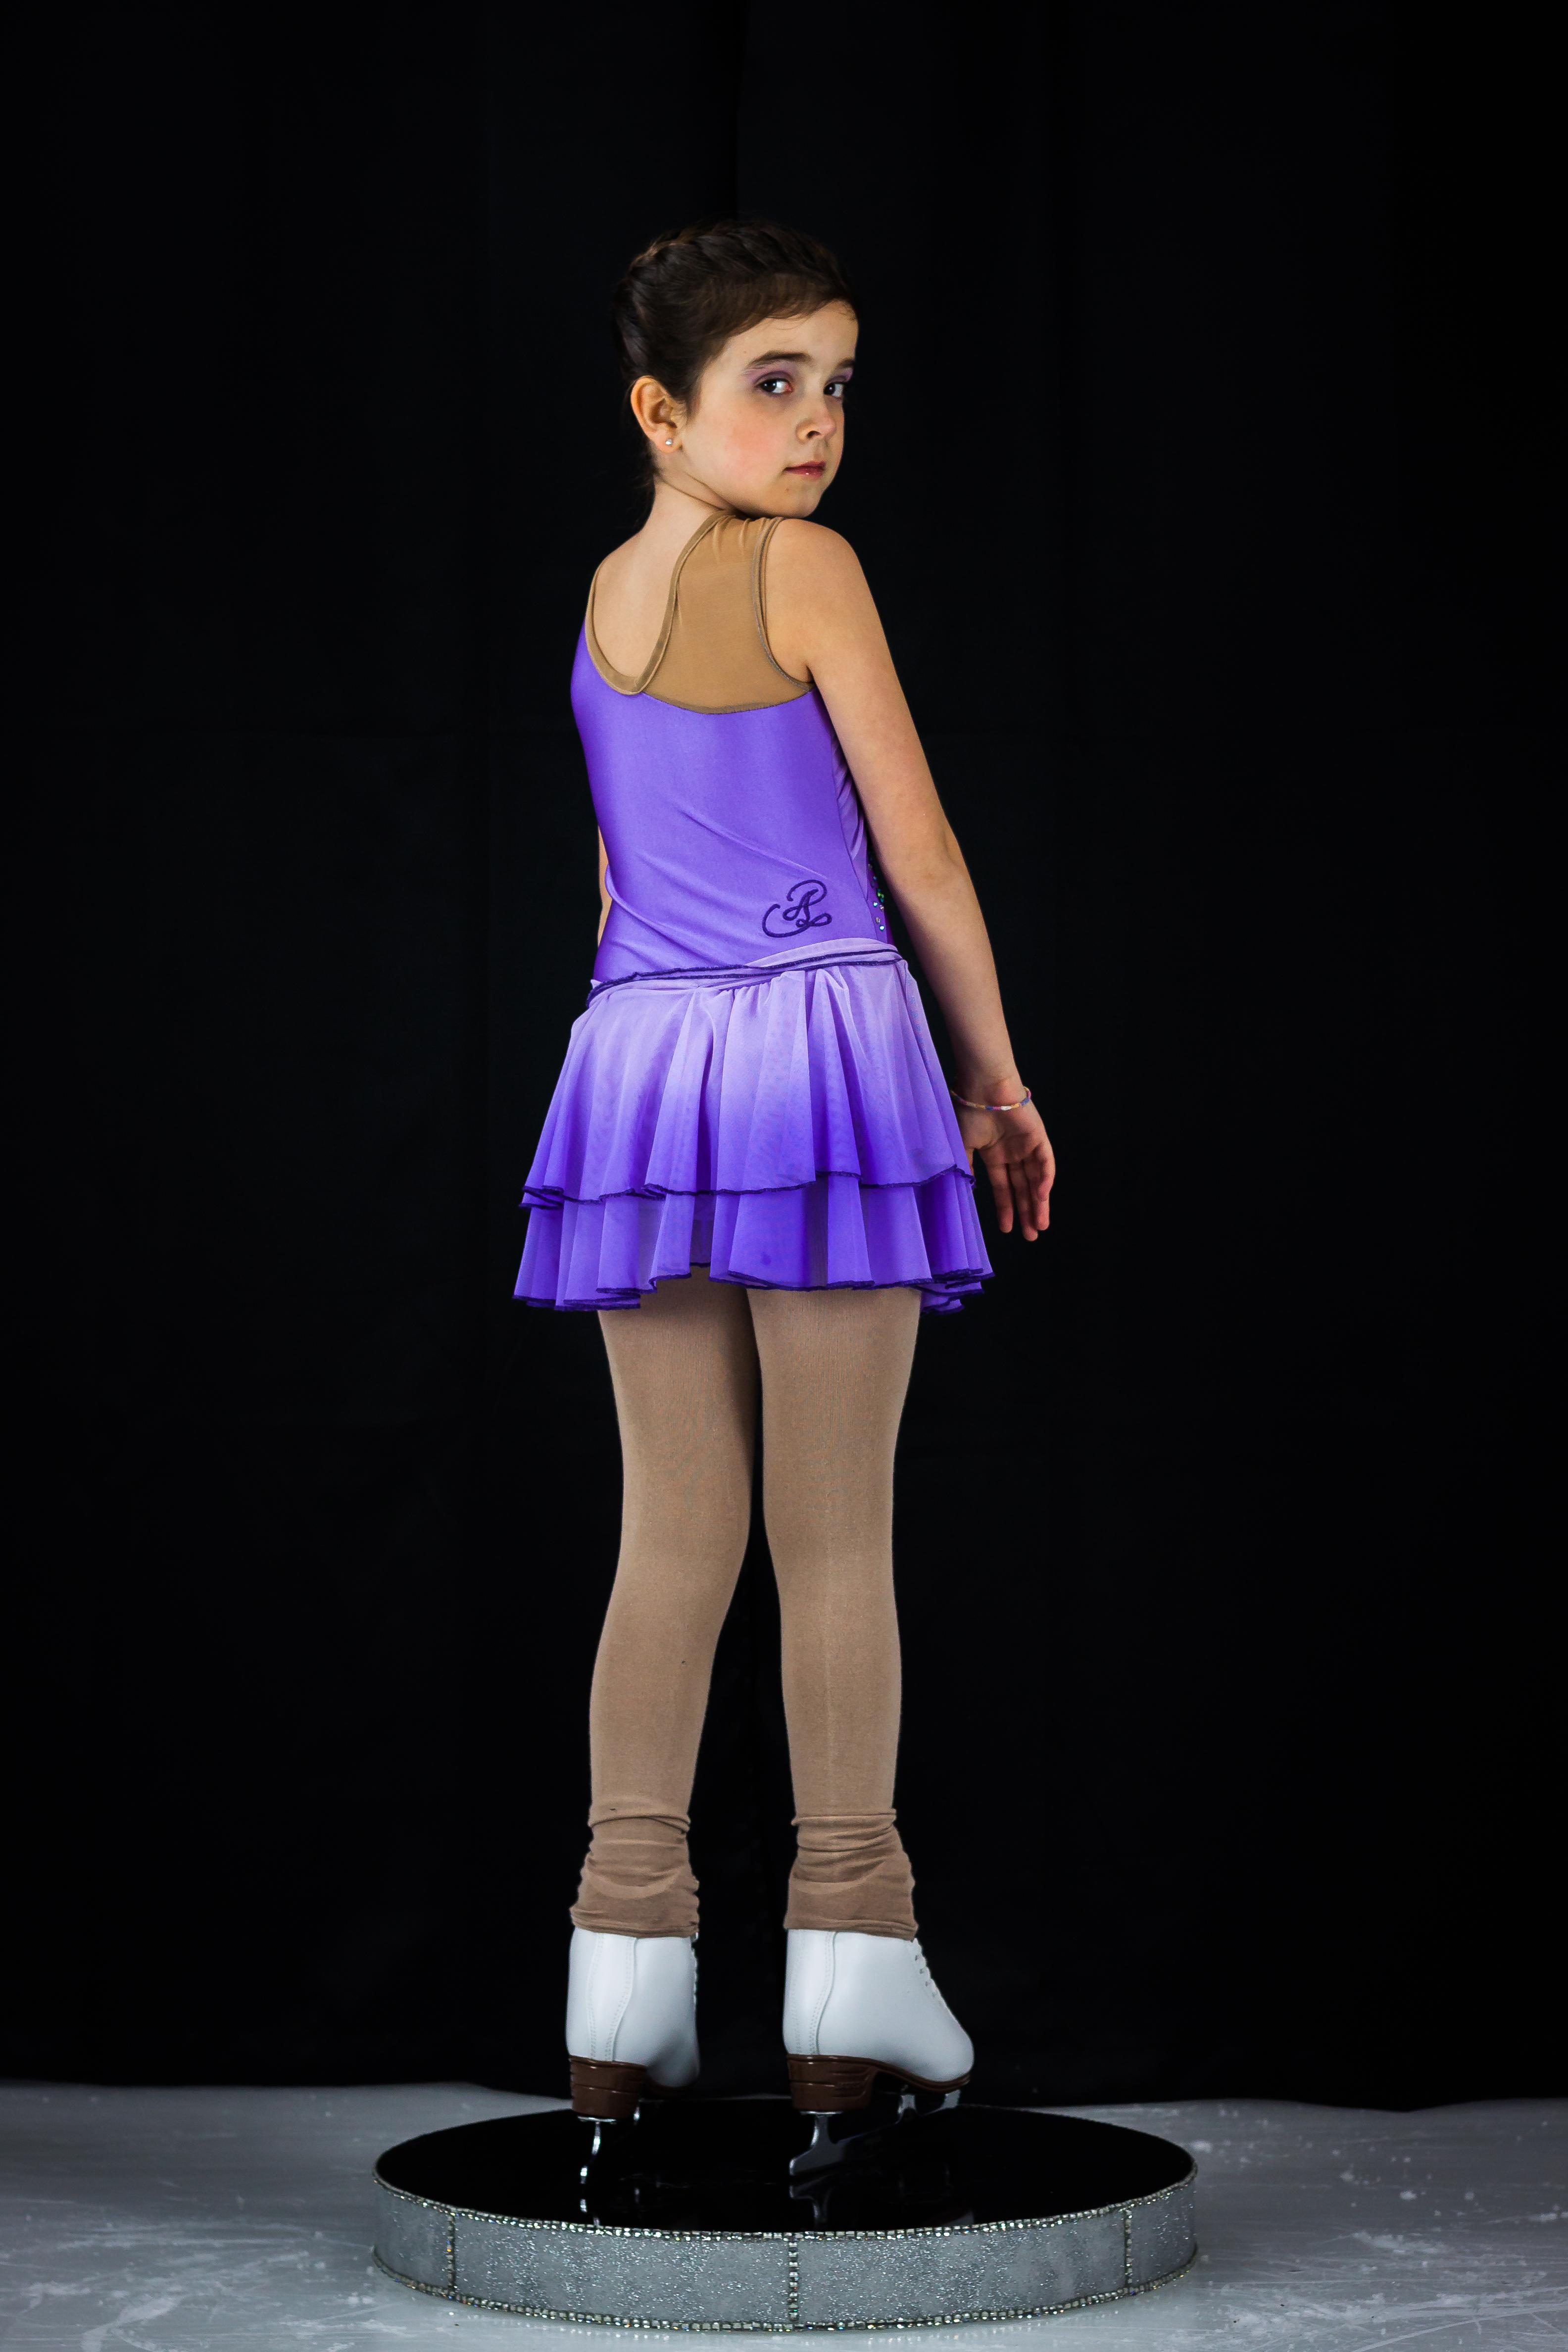 #skating